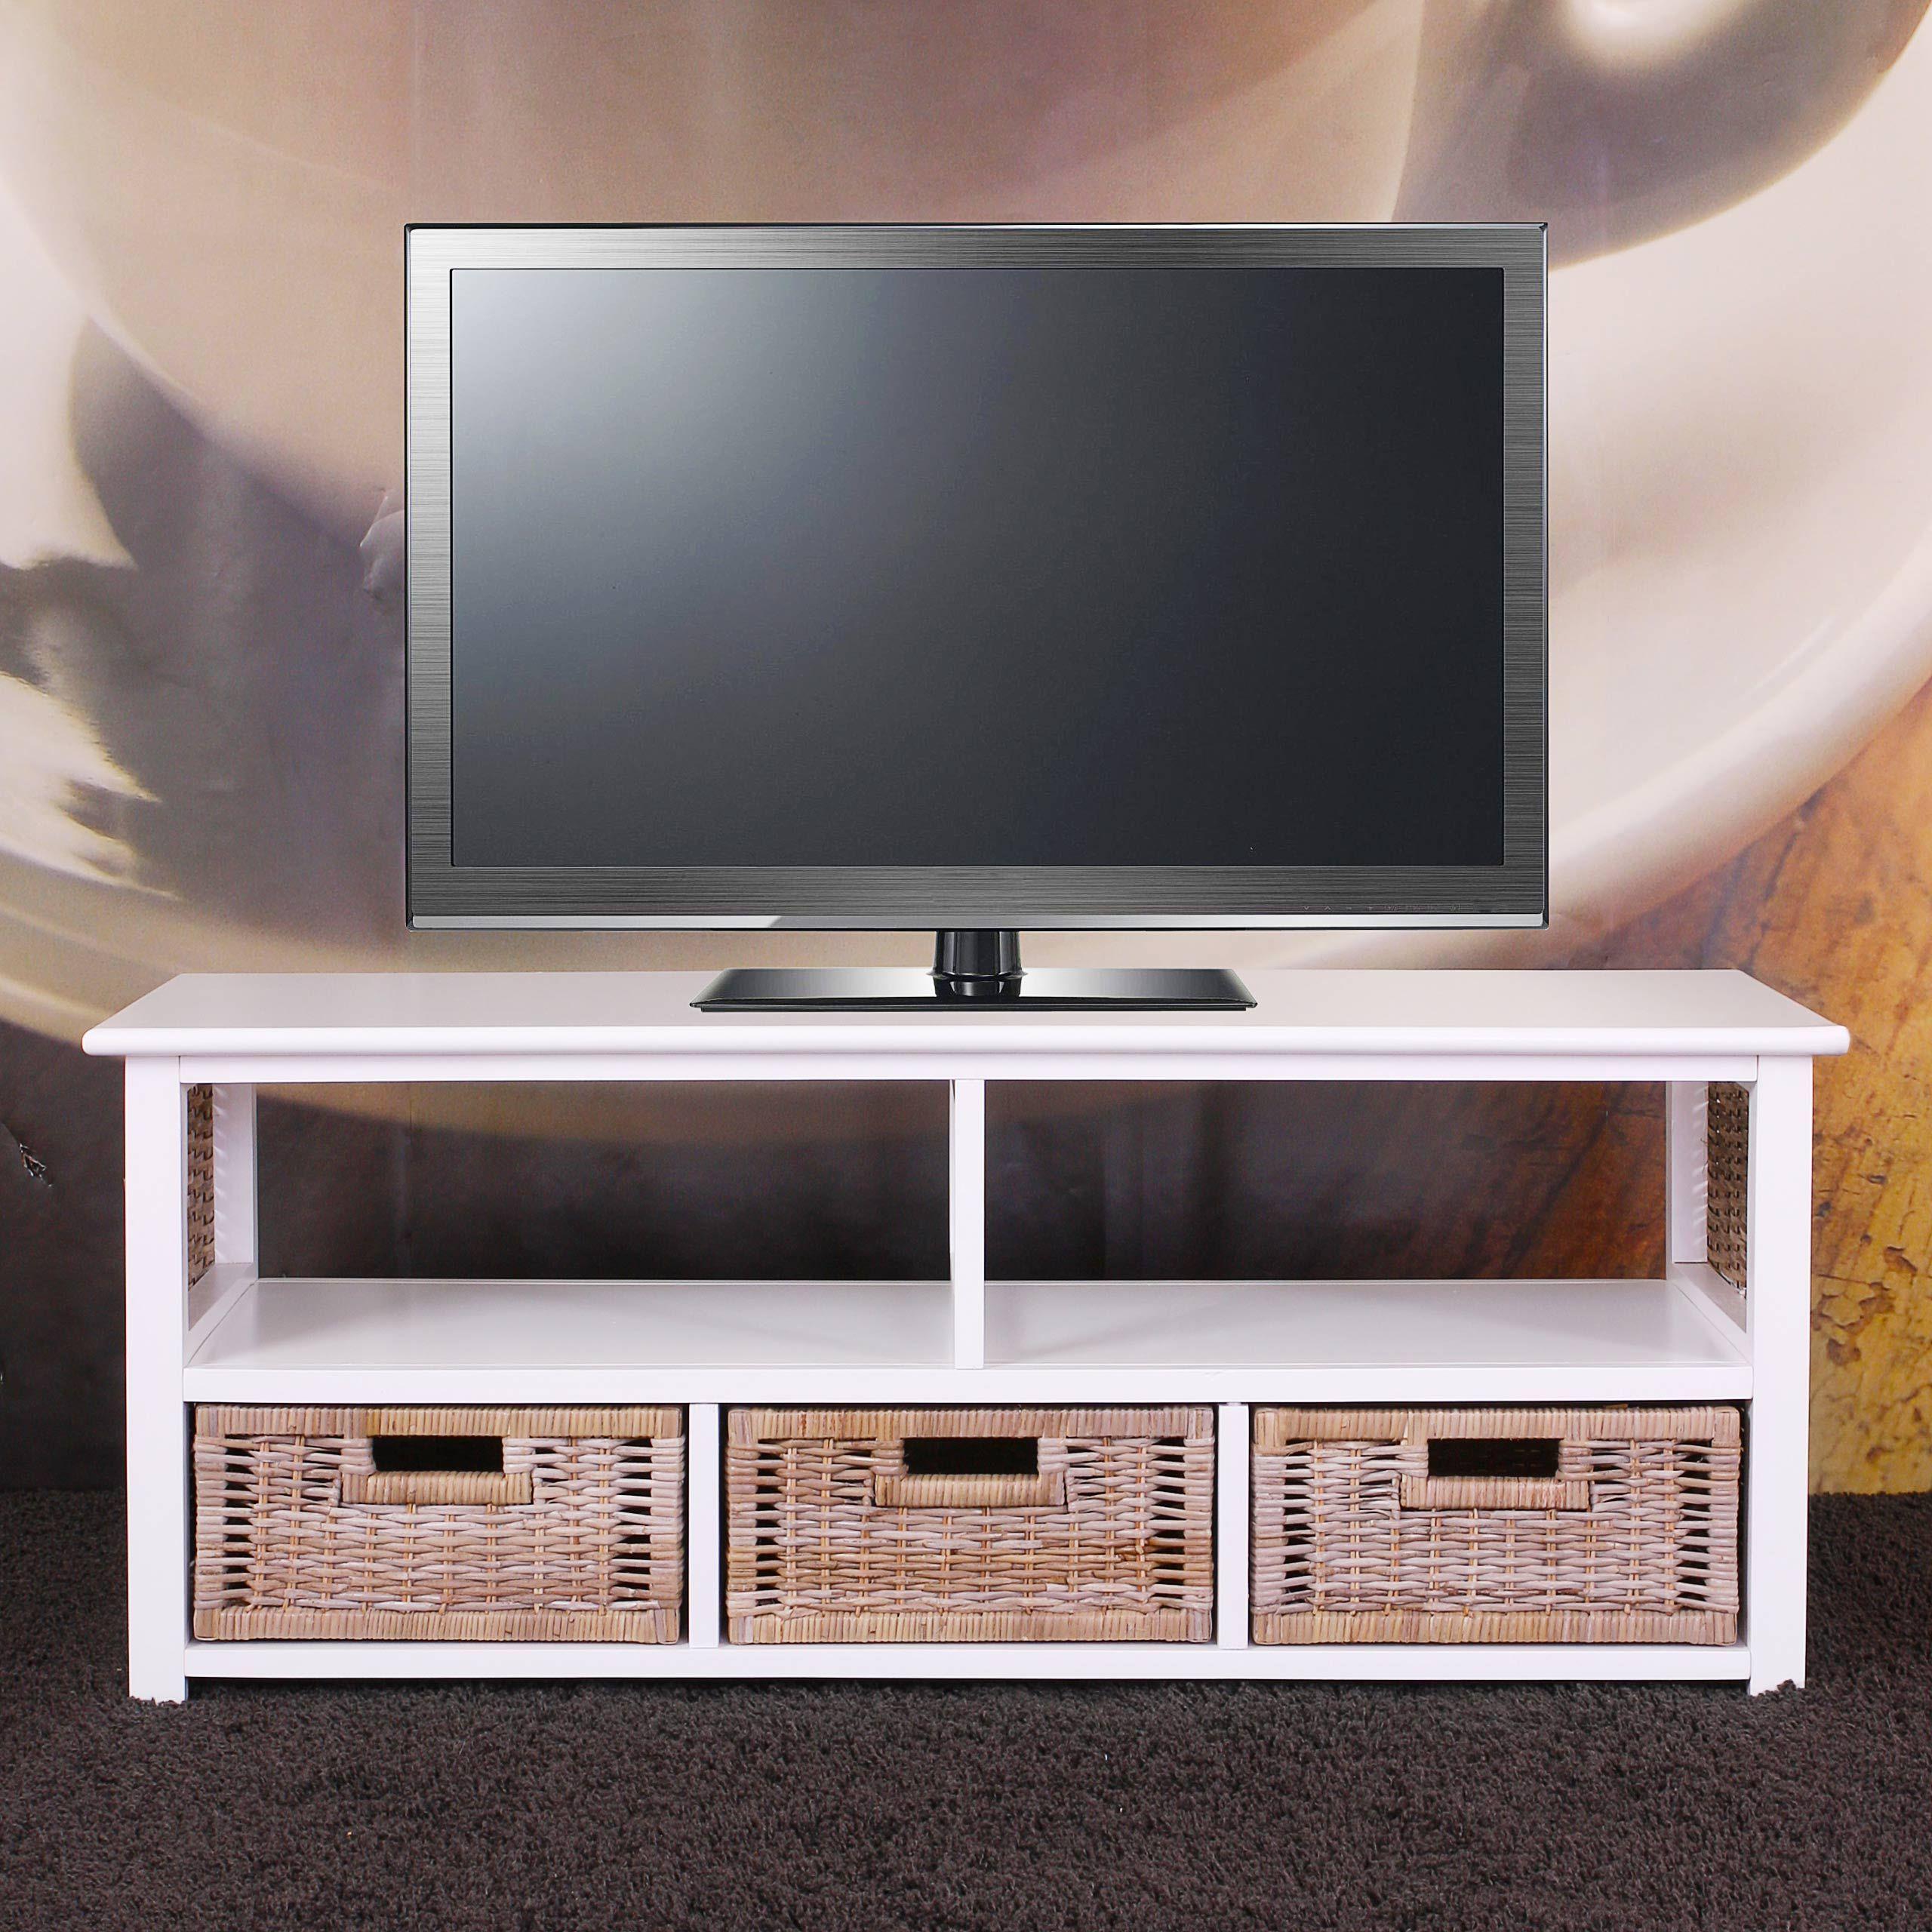 Meuble Table Basse T L Bois Massif Osier 3 Tiroirs Meubles D  # Meuble Tv Vente Unique